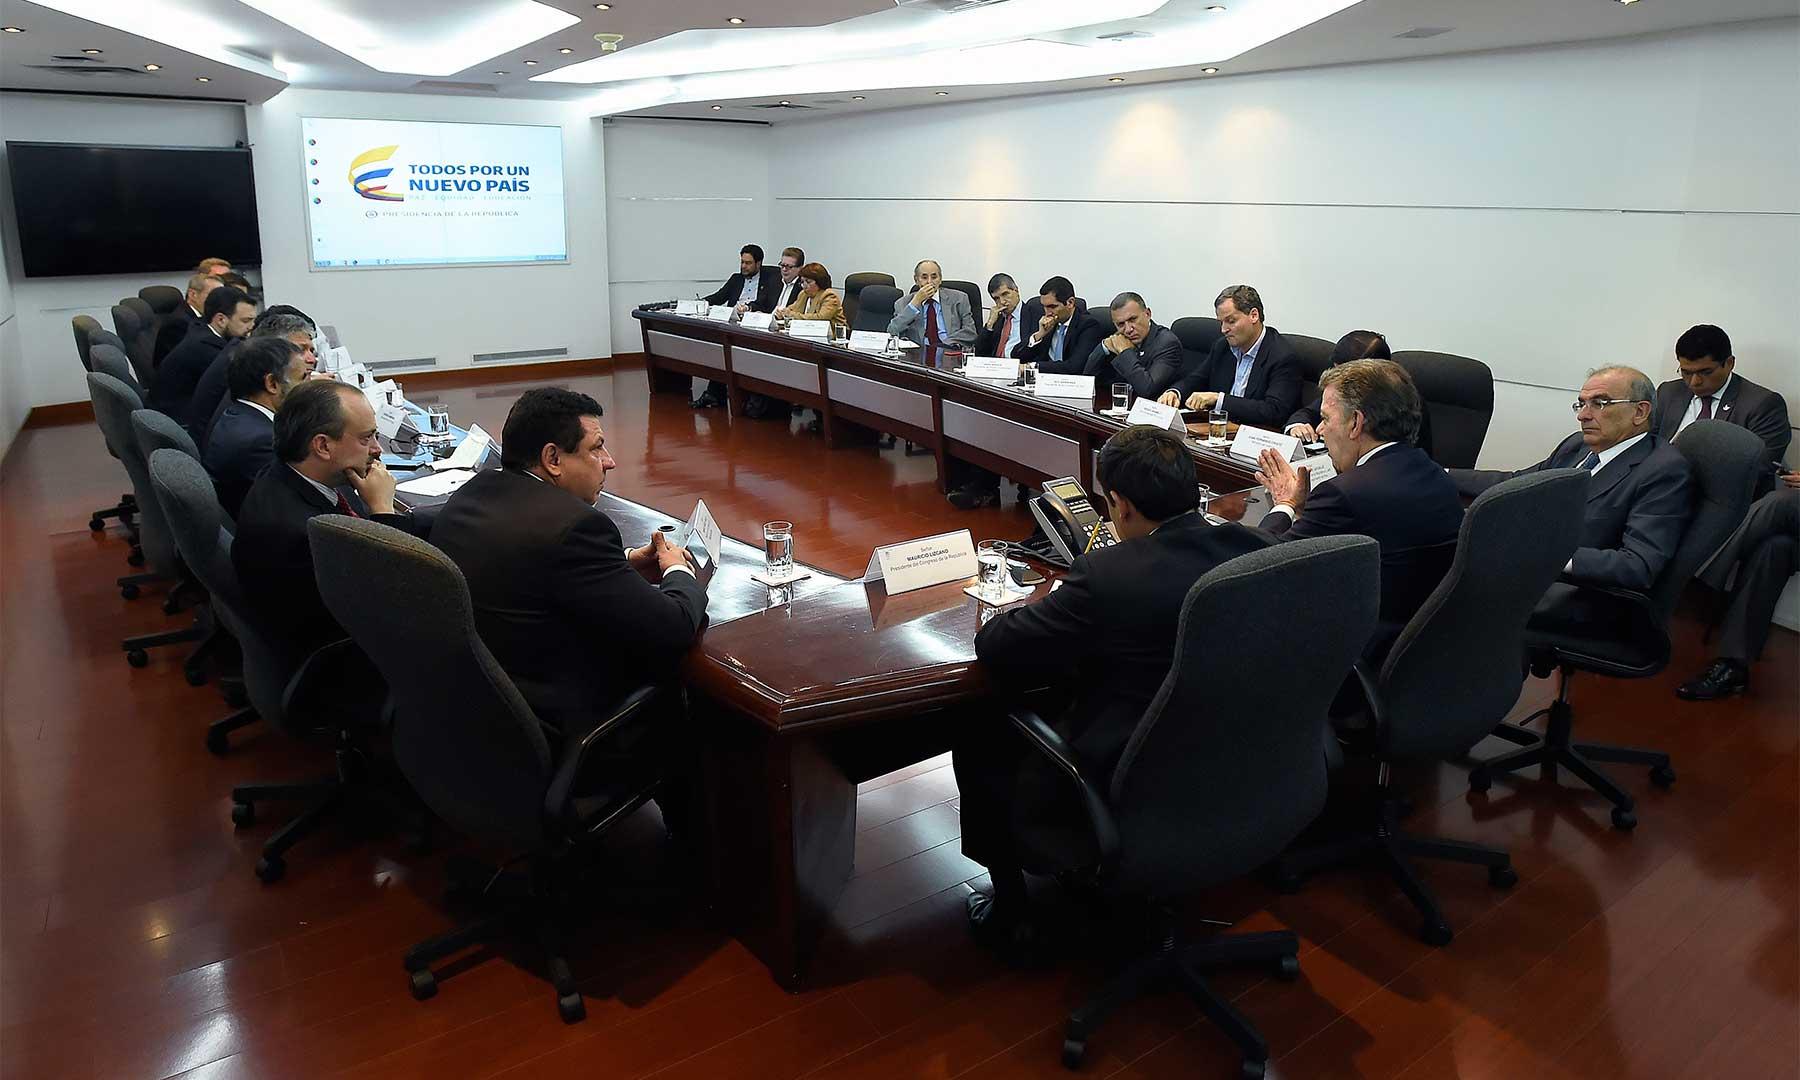 Reunión del Presidente Santos, el Equipo Negociador y otros altos funcionarios con directores de los partidos políticos La U, Liberal, Cambio Radical, Conservador, Alianza Verde, Polo Democrático y Unión Patriótica.